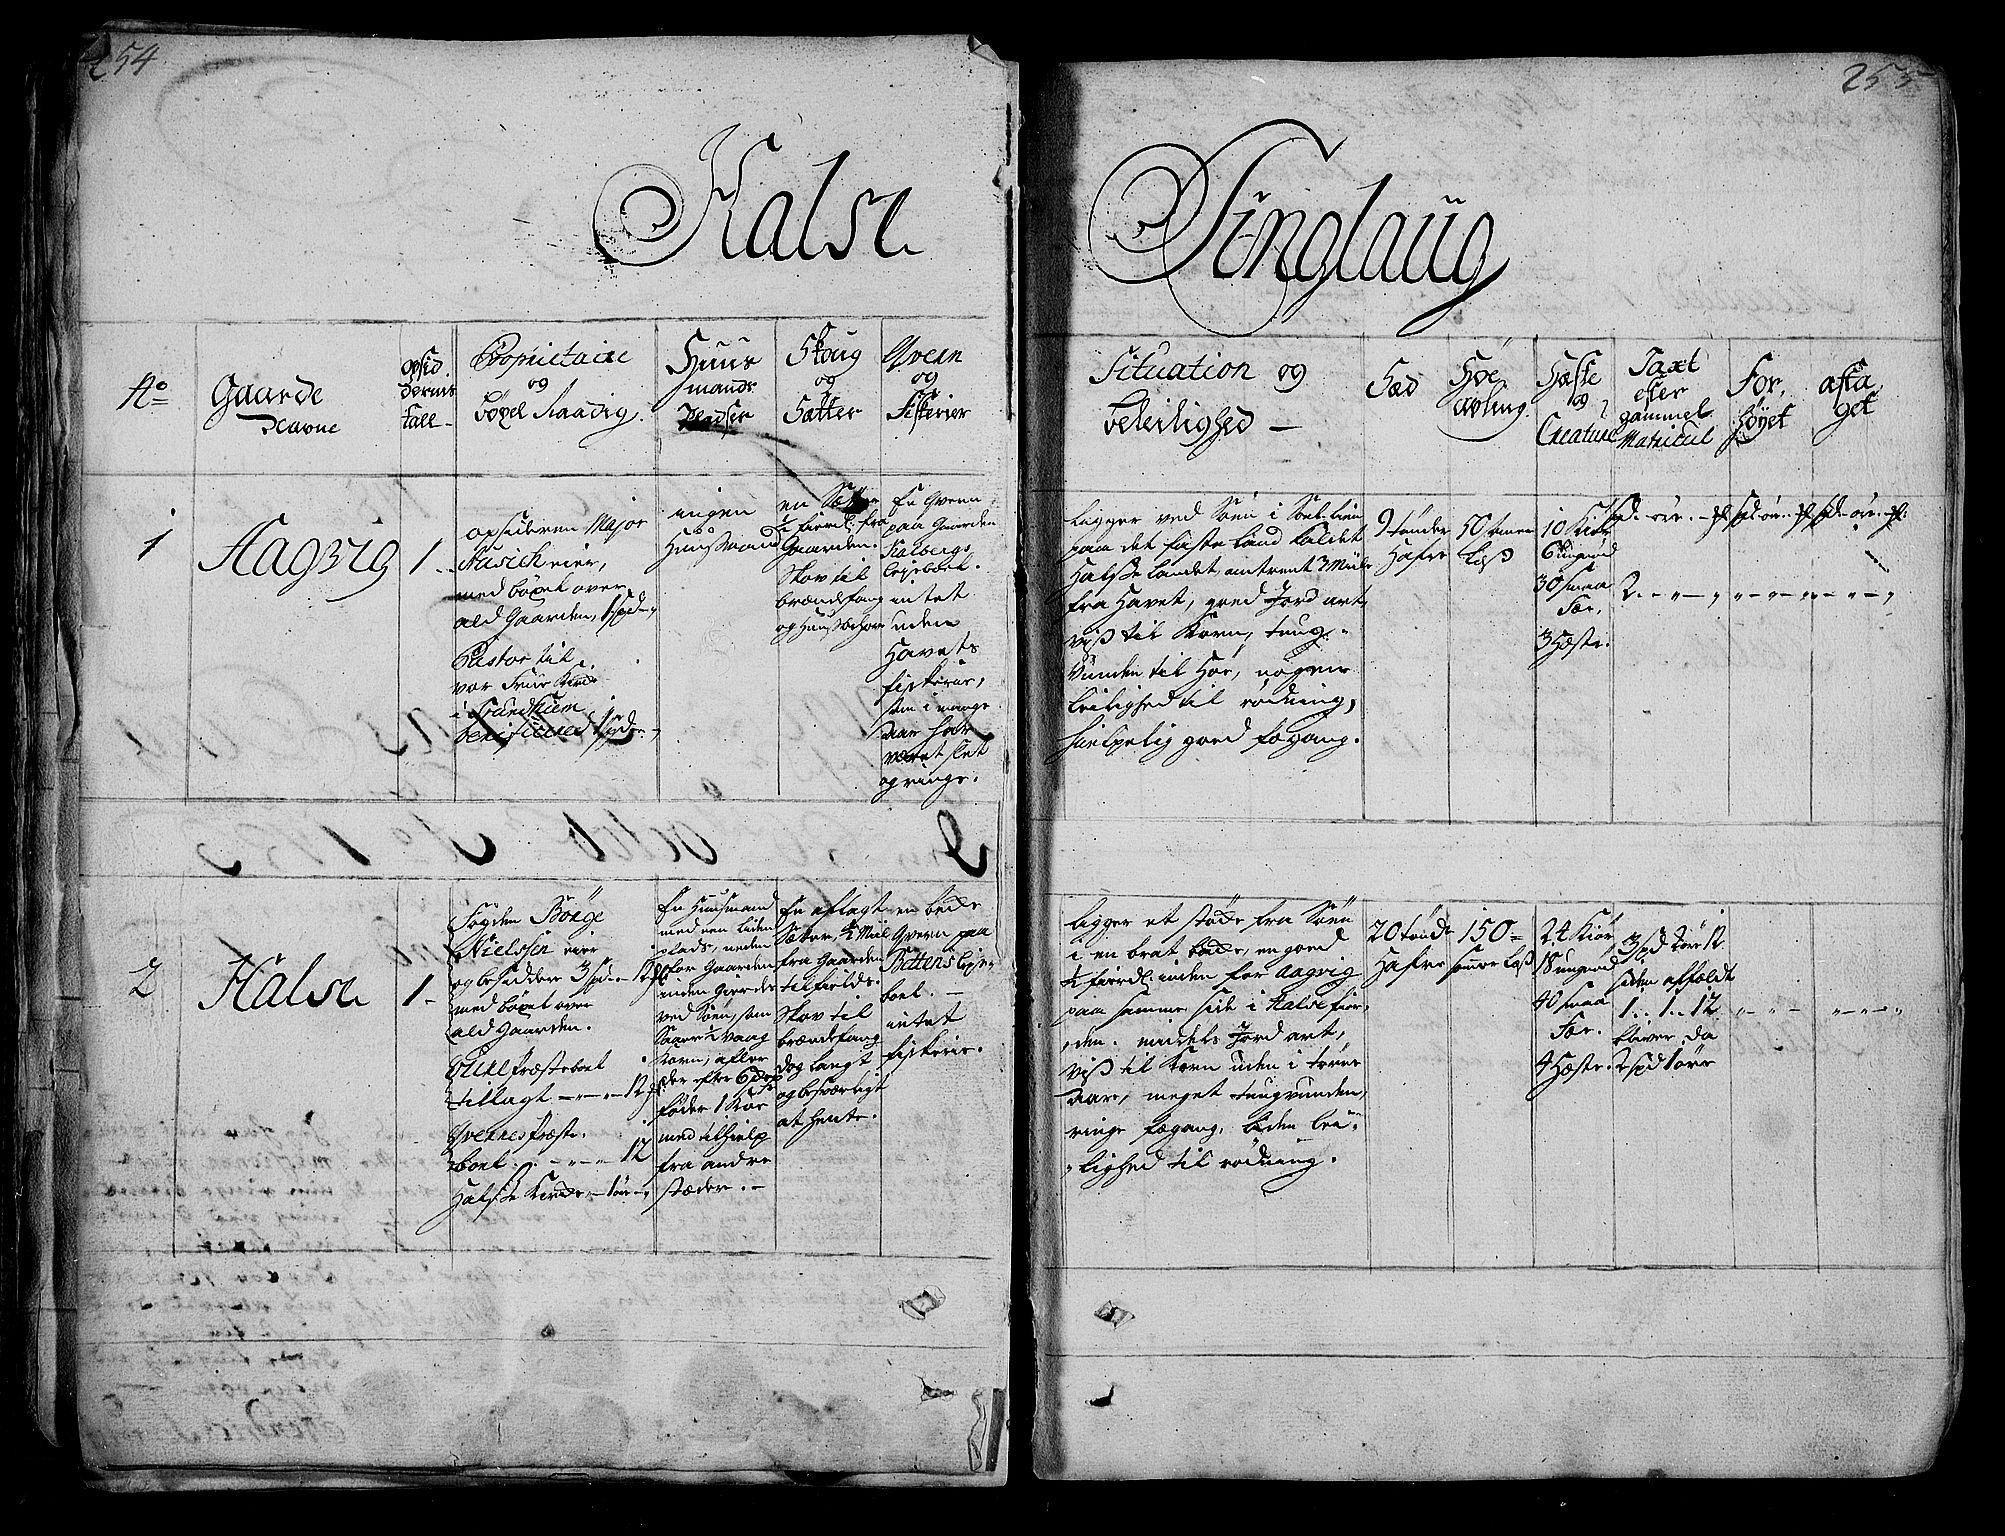 RA, Rentekammeret inntil 1814, Realistisk ordnet avdeling, N/Nb/Nbf/L0154: Nordmøre eksaminasjonsprotokoll, 1721-1723, s. 254-255